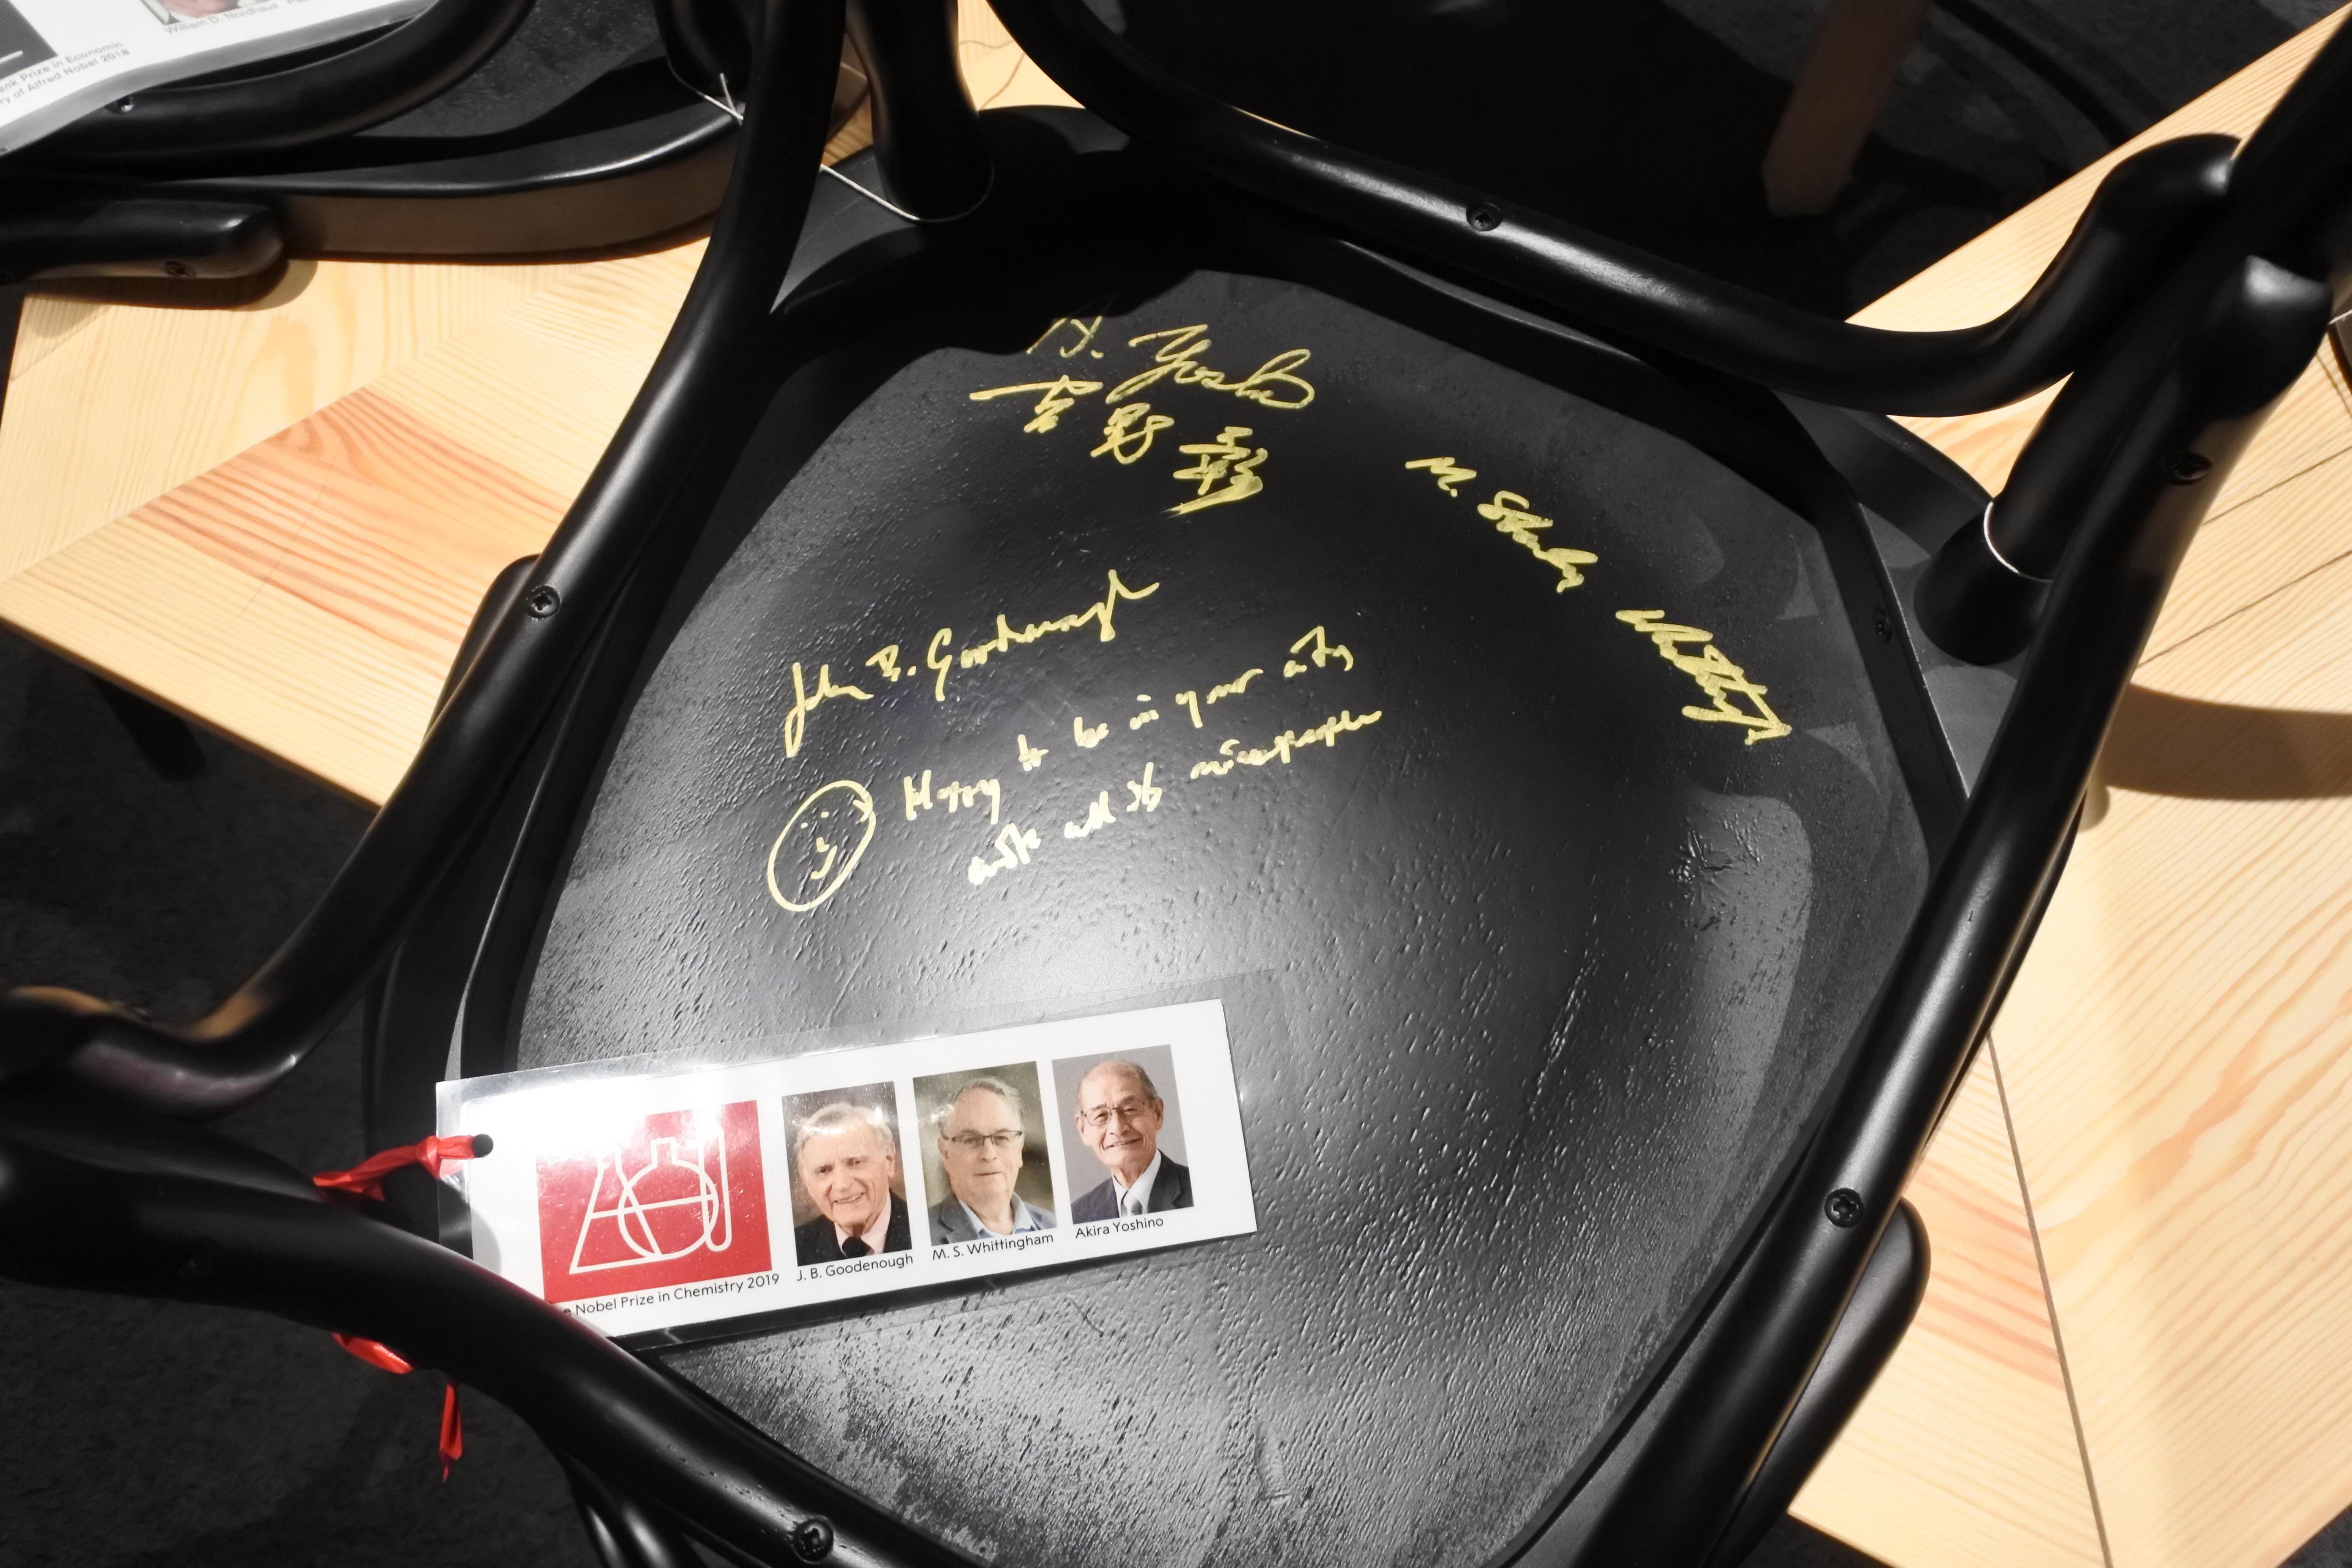 ノーベル博物館にあるサイン入りの椅子。吉野教授のサインは左上